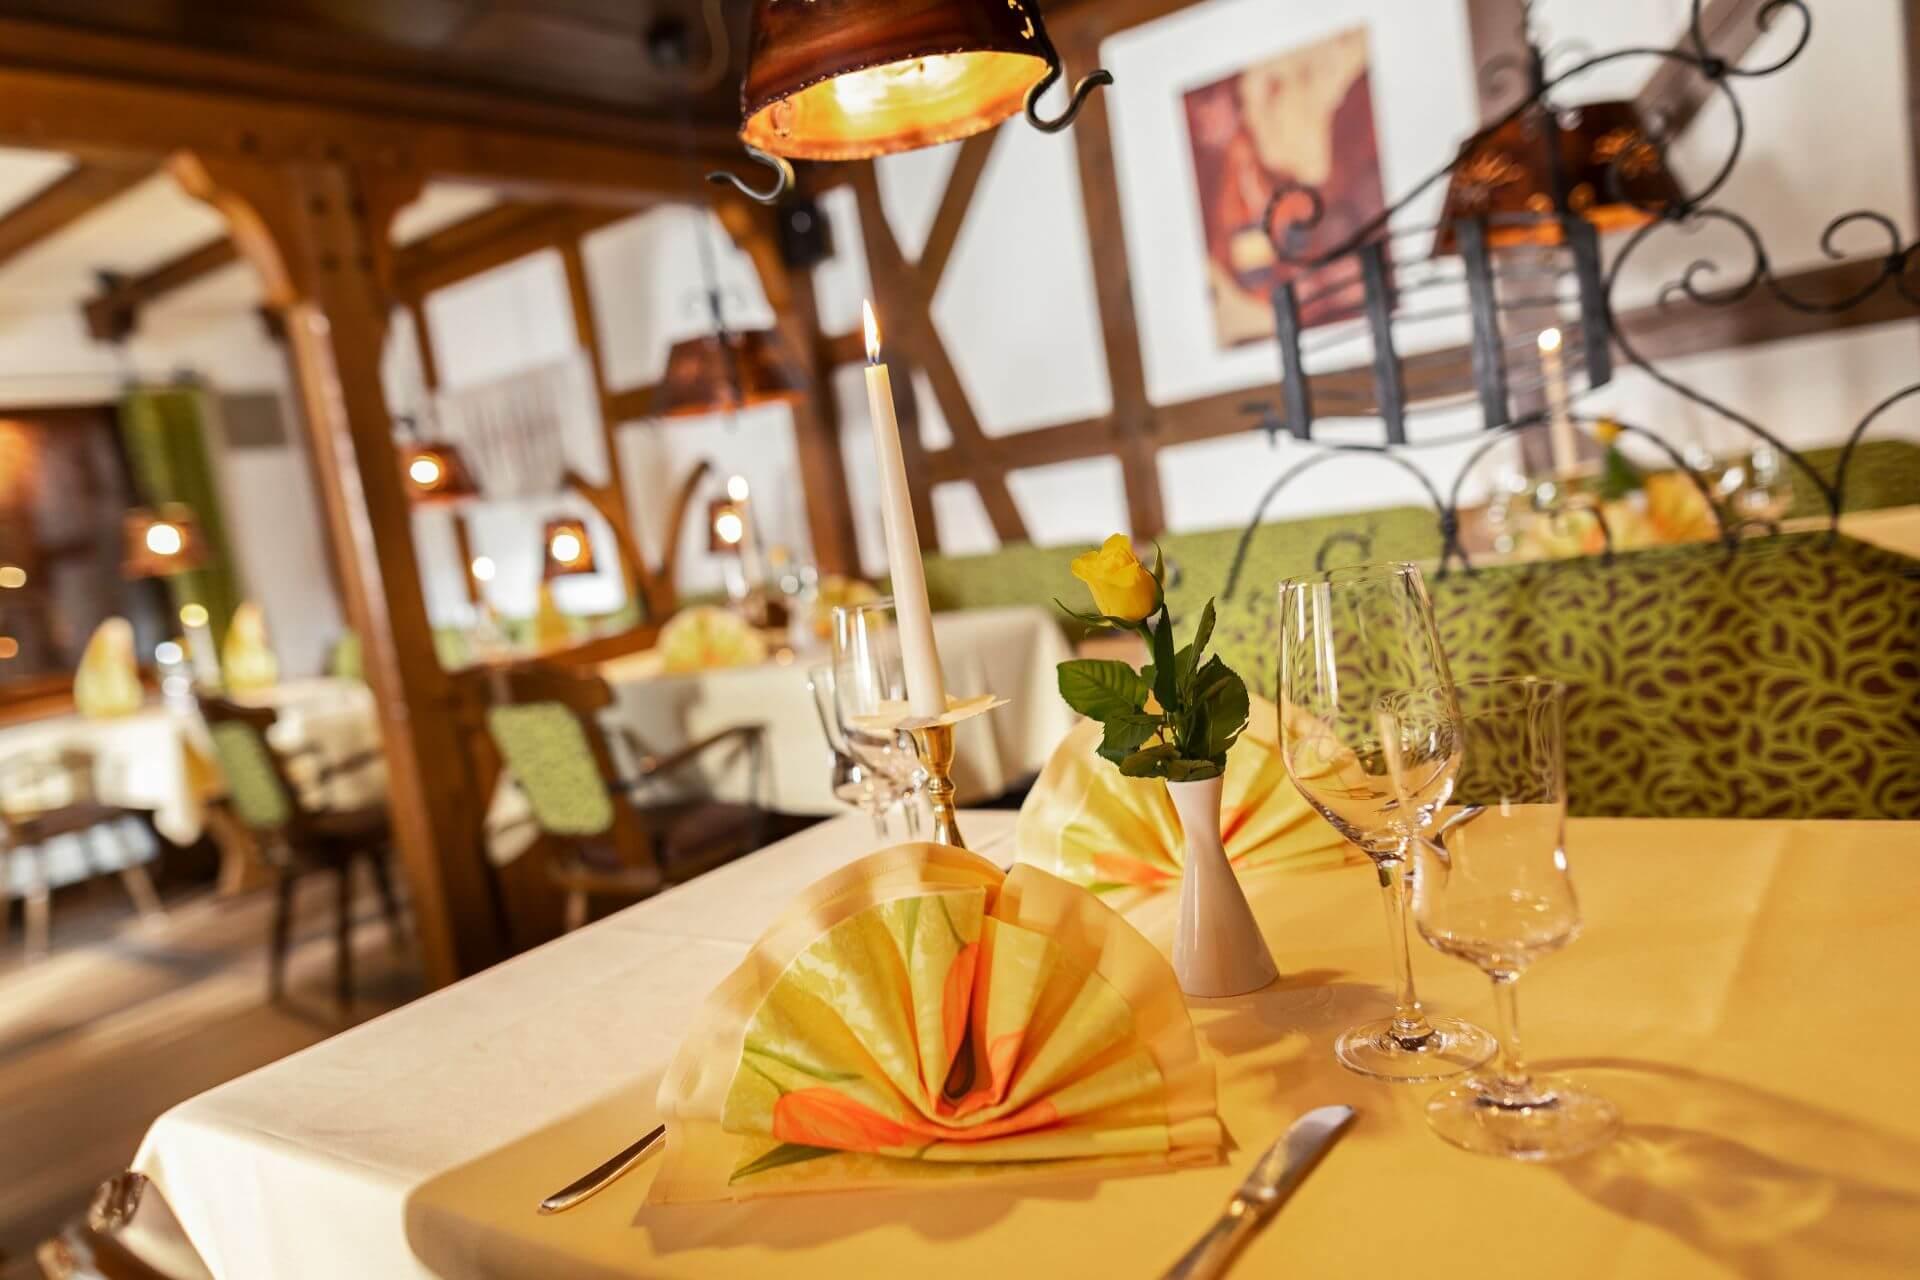 Resurantempfehlung Restauranttipp Schmallenberg Landhotel Albers